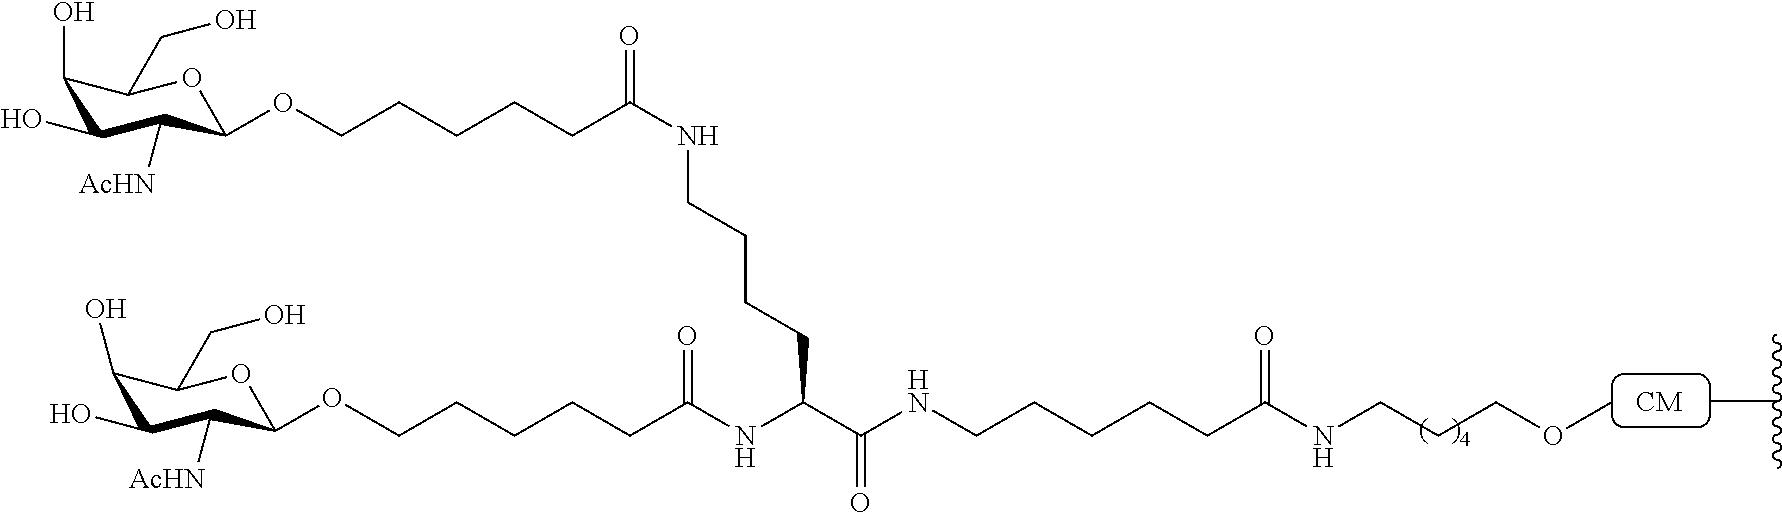 Figure US09943604-20180417-C00216